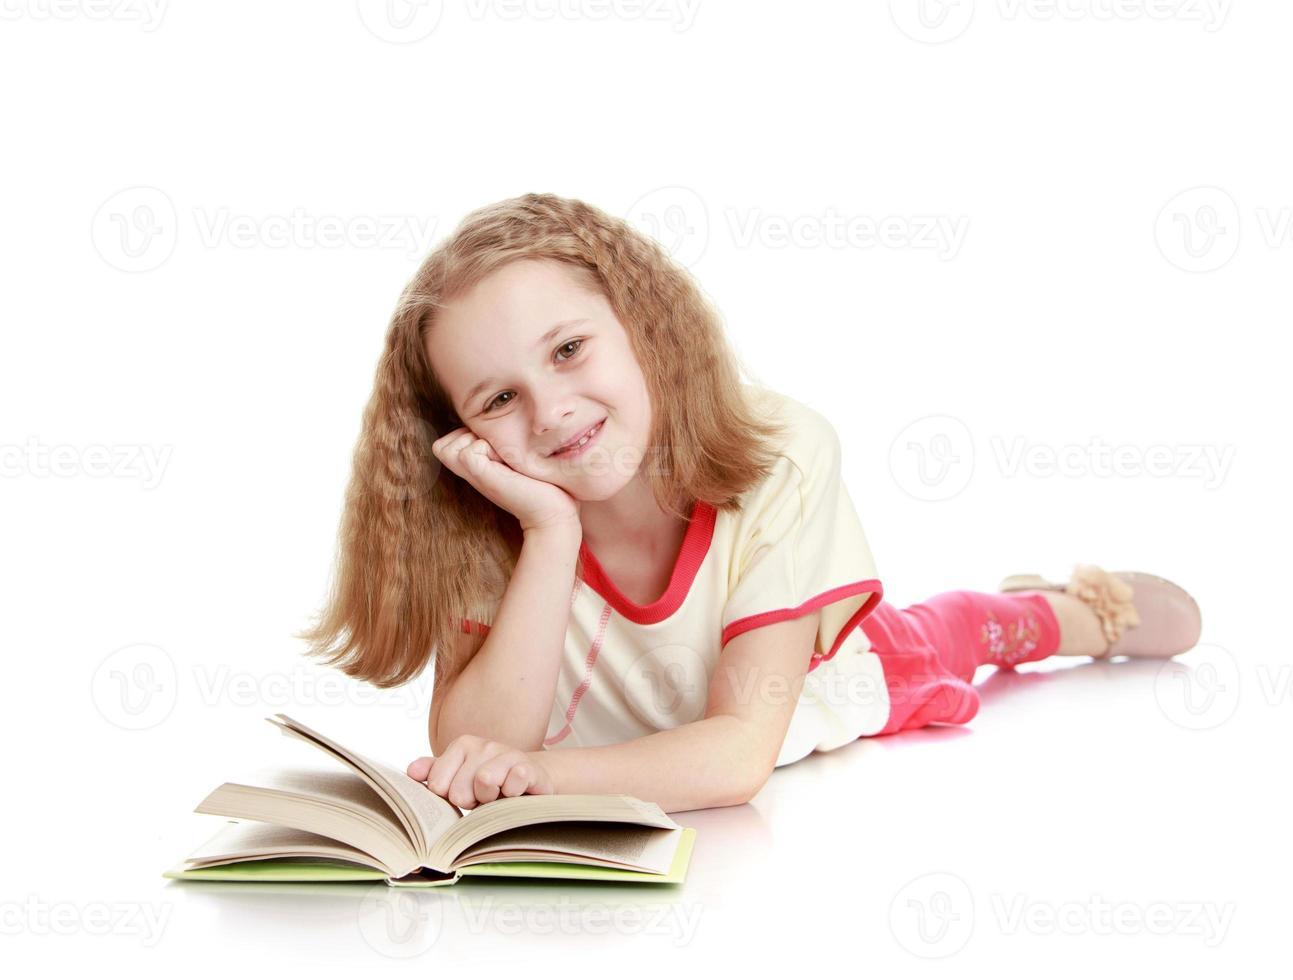 la jeune fille se trouve sur le sol et lit un livre photo